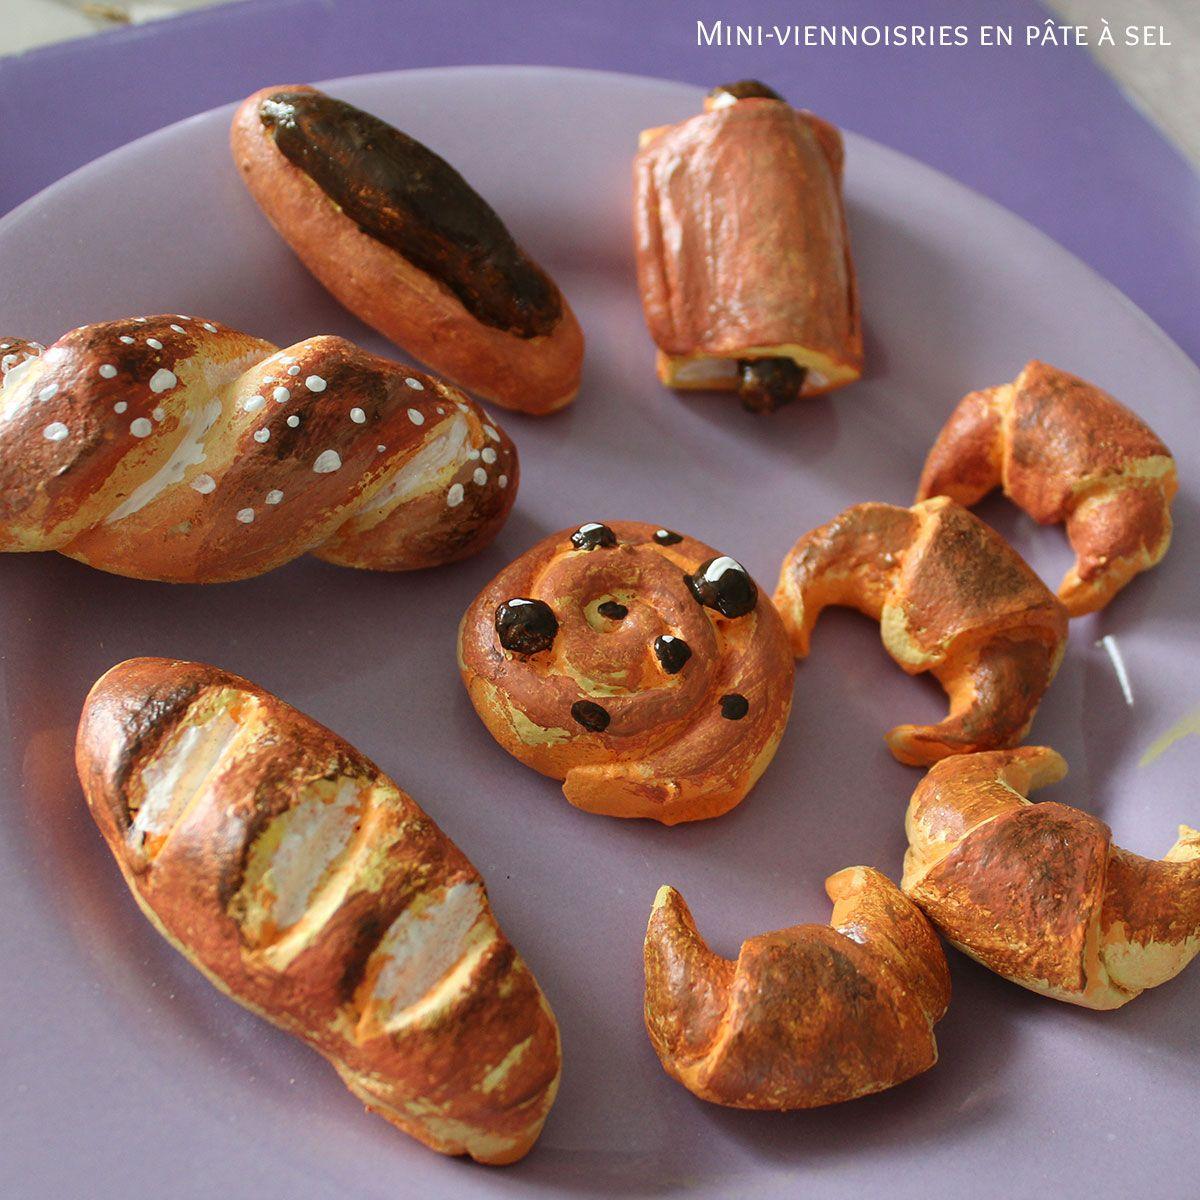 Mini Viennoiseries En Pate A Sel Pour Dinette D Enfants Idee Pate A Sel Dinette Cuisine Pate A Sel